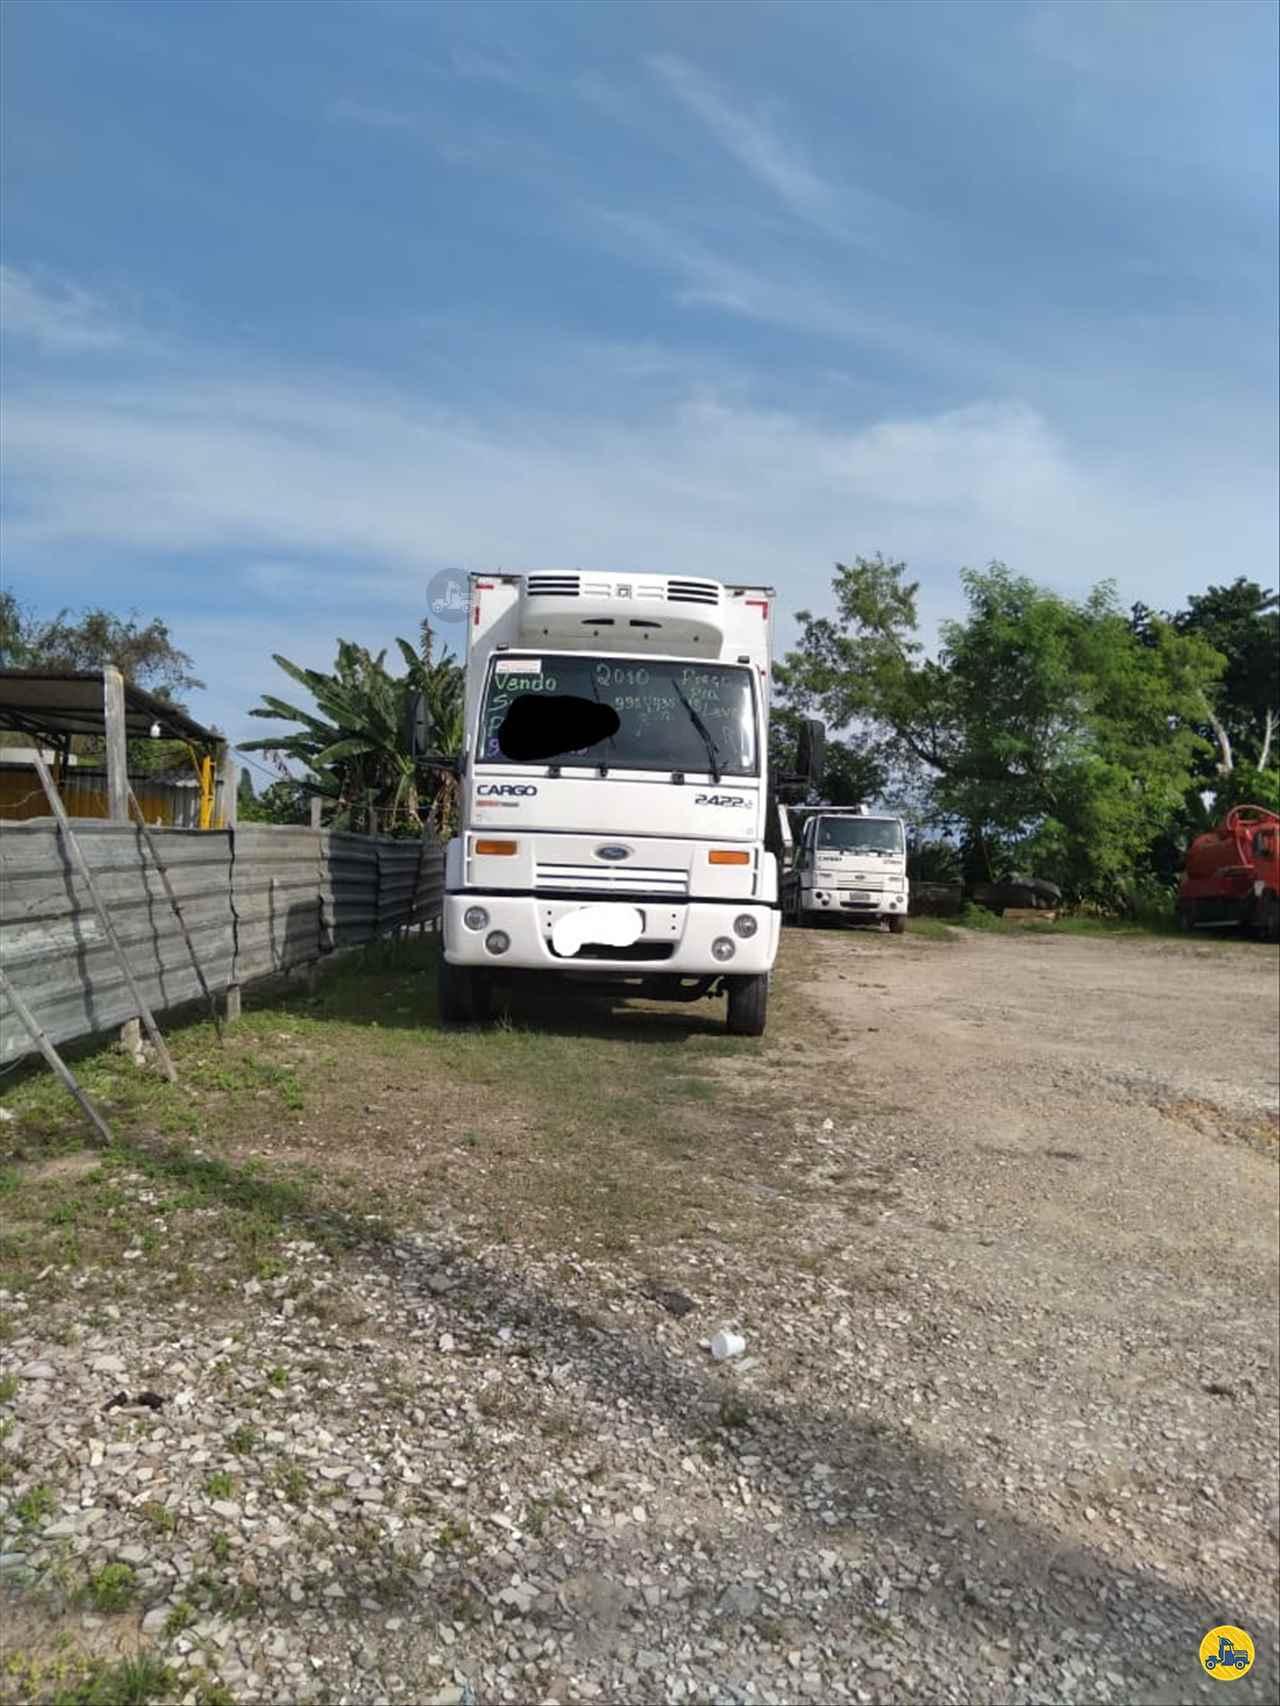 CAMINHAO FORD CARGO 2422 Baú Frigorífico Truck 6x2 Porssionatto Caminhões RIO VERDE GOIAS GO